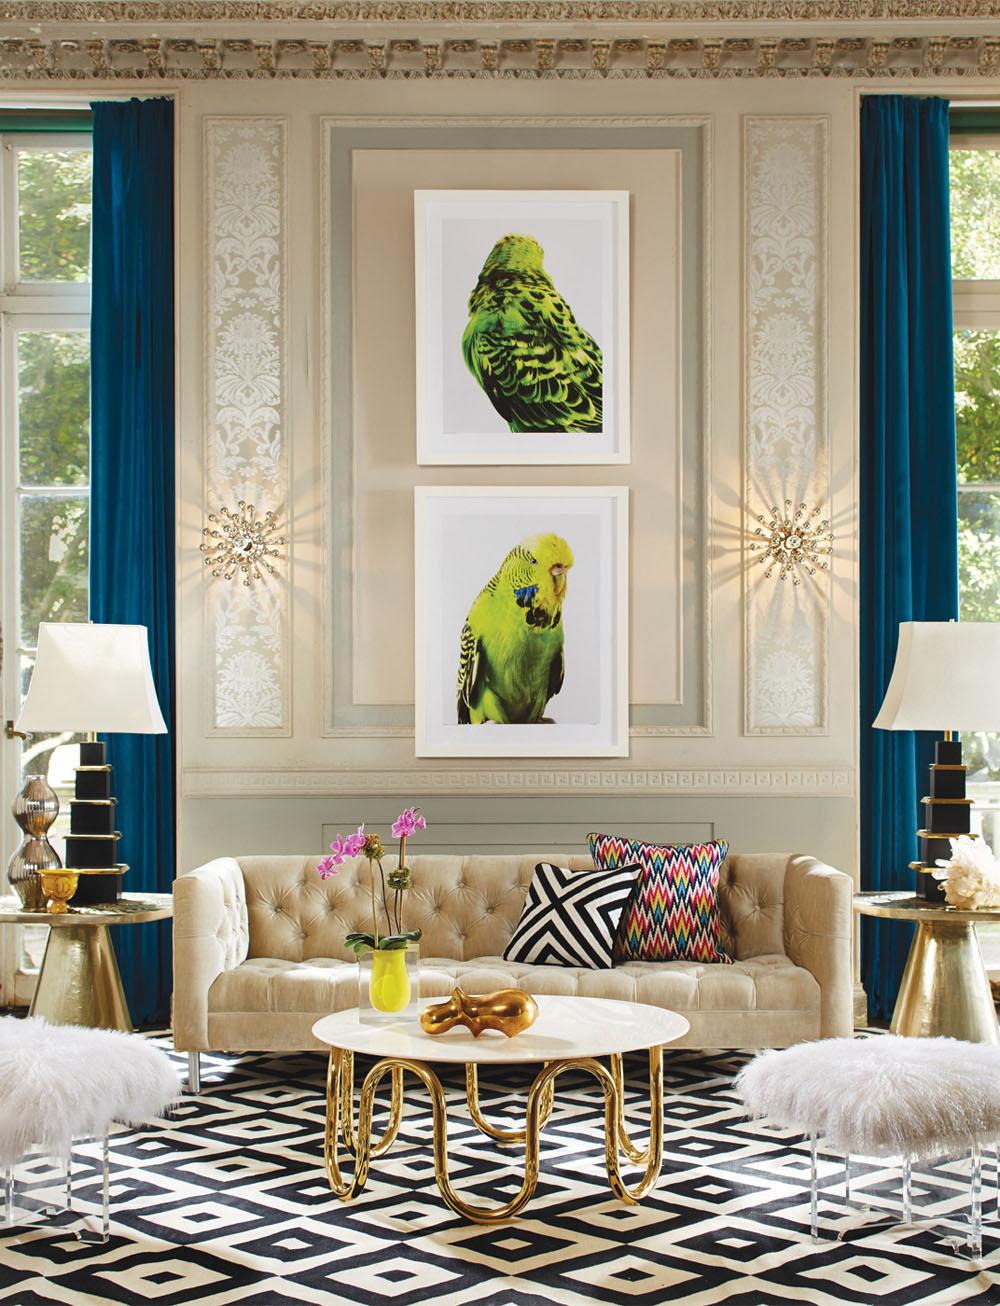 44 Desain Ruang Tamu Minimalis Mewah Namun Simpel dan